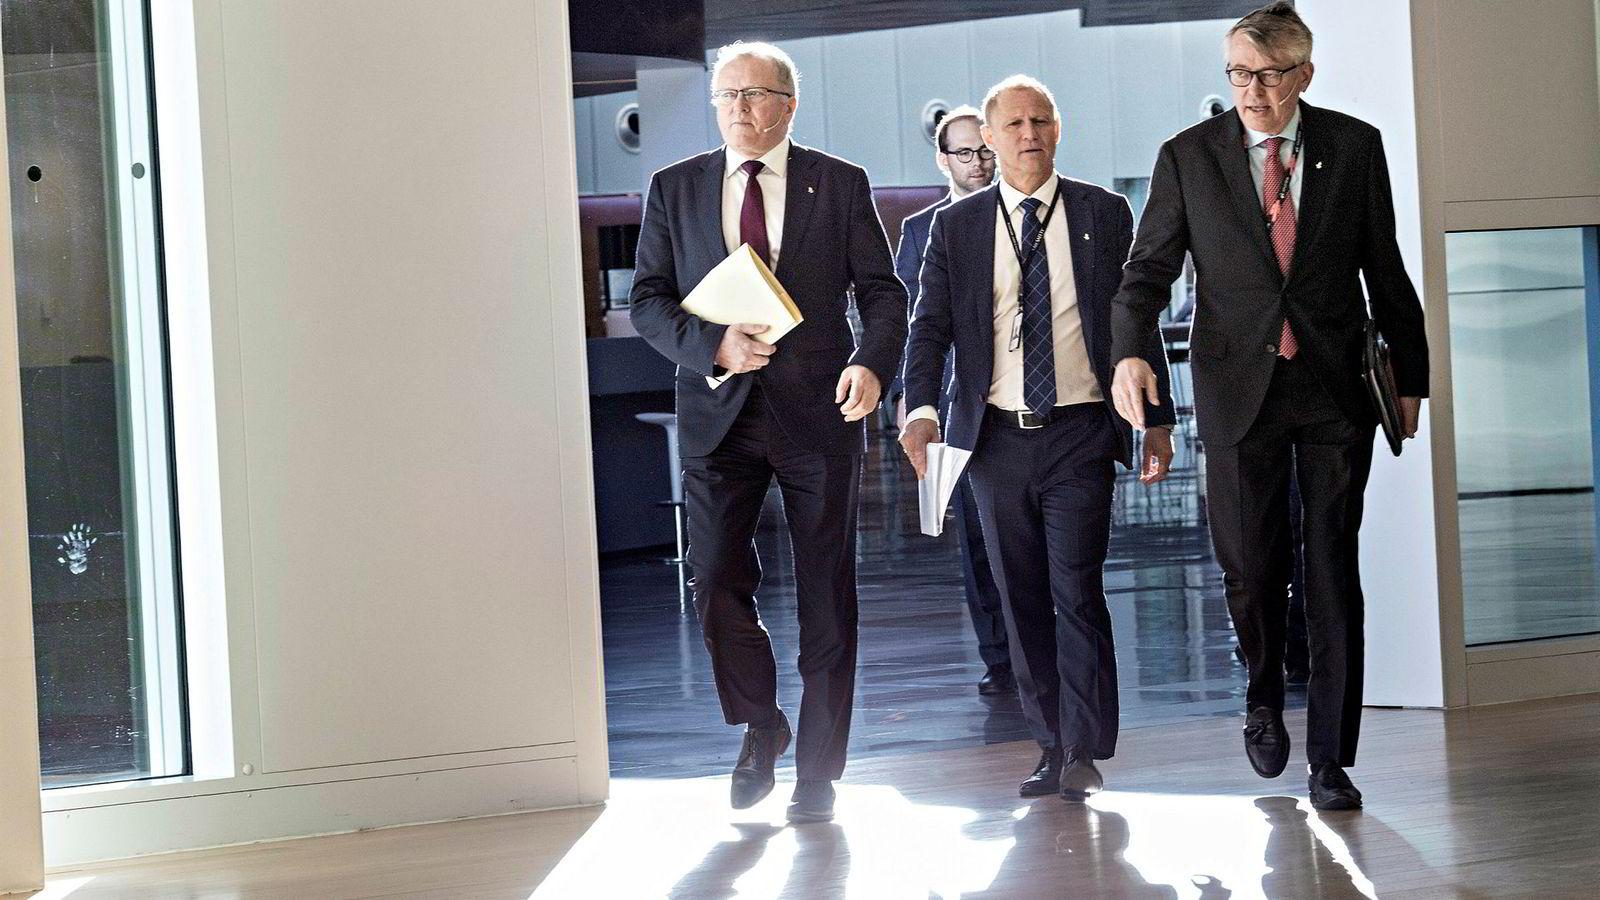 Equinor-sjef Eldar Sætre (fra venstre) ankom kvartalspresentasjonen i effektfullt baklys sammen med finansdirektør Lars Christian Bacher og kommunikasjonsdirektør Reidar Gjærum på Fornebu fredag.